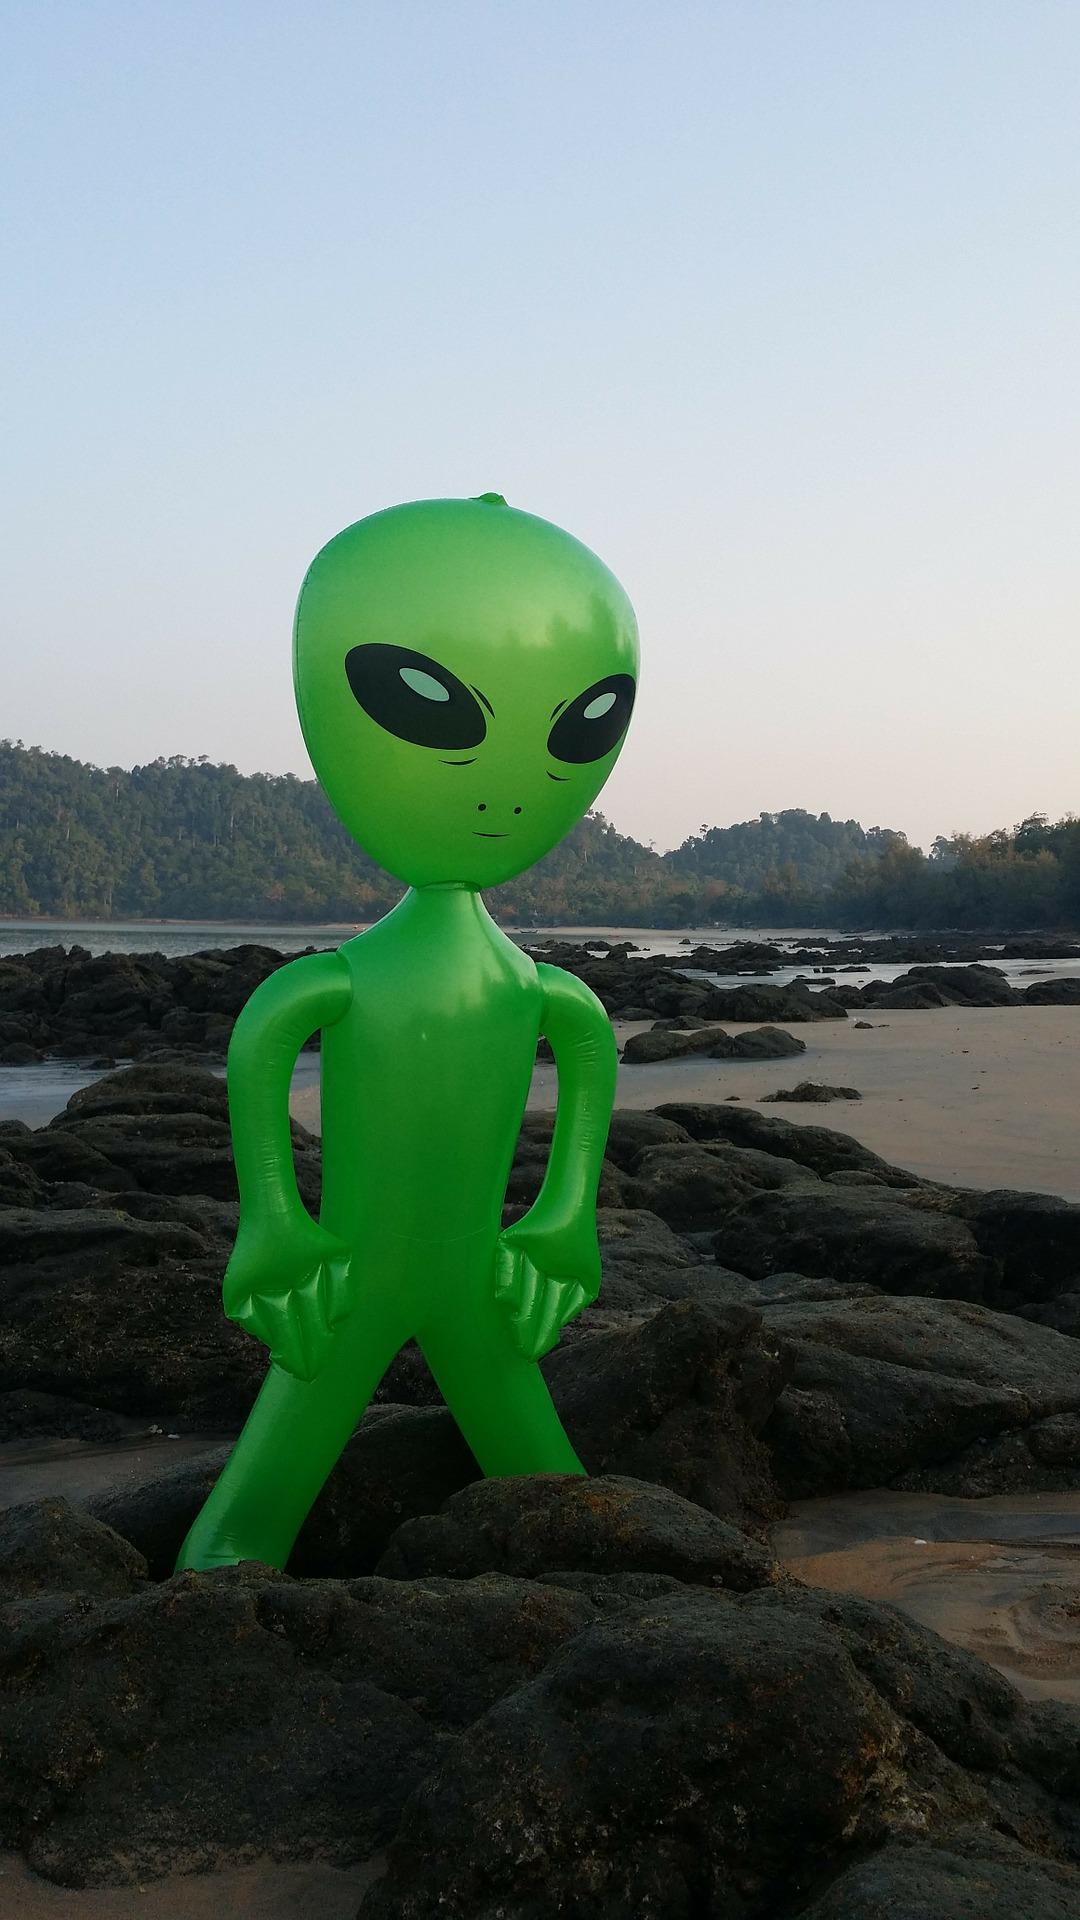 alien-274902_1920